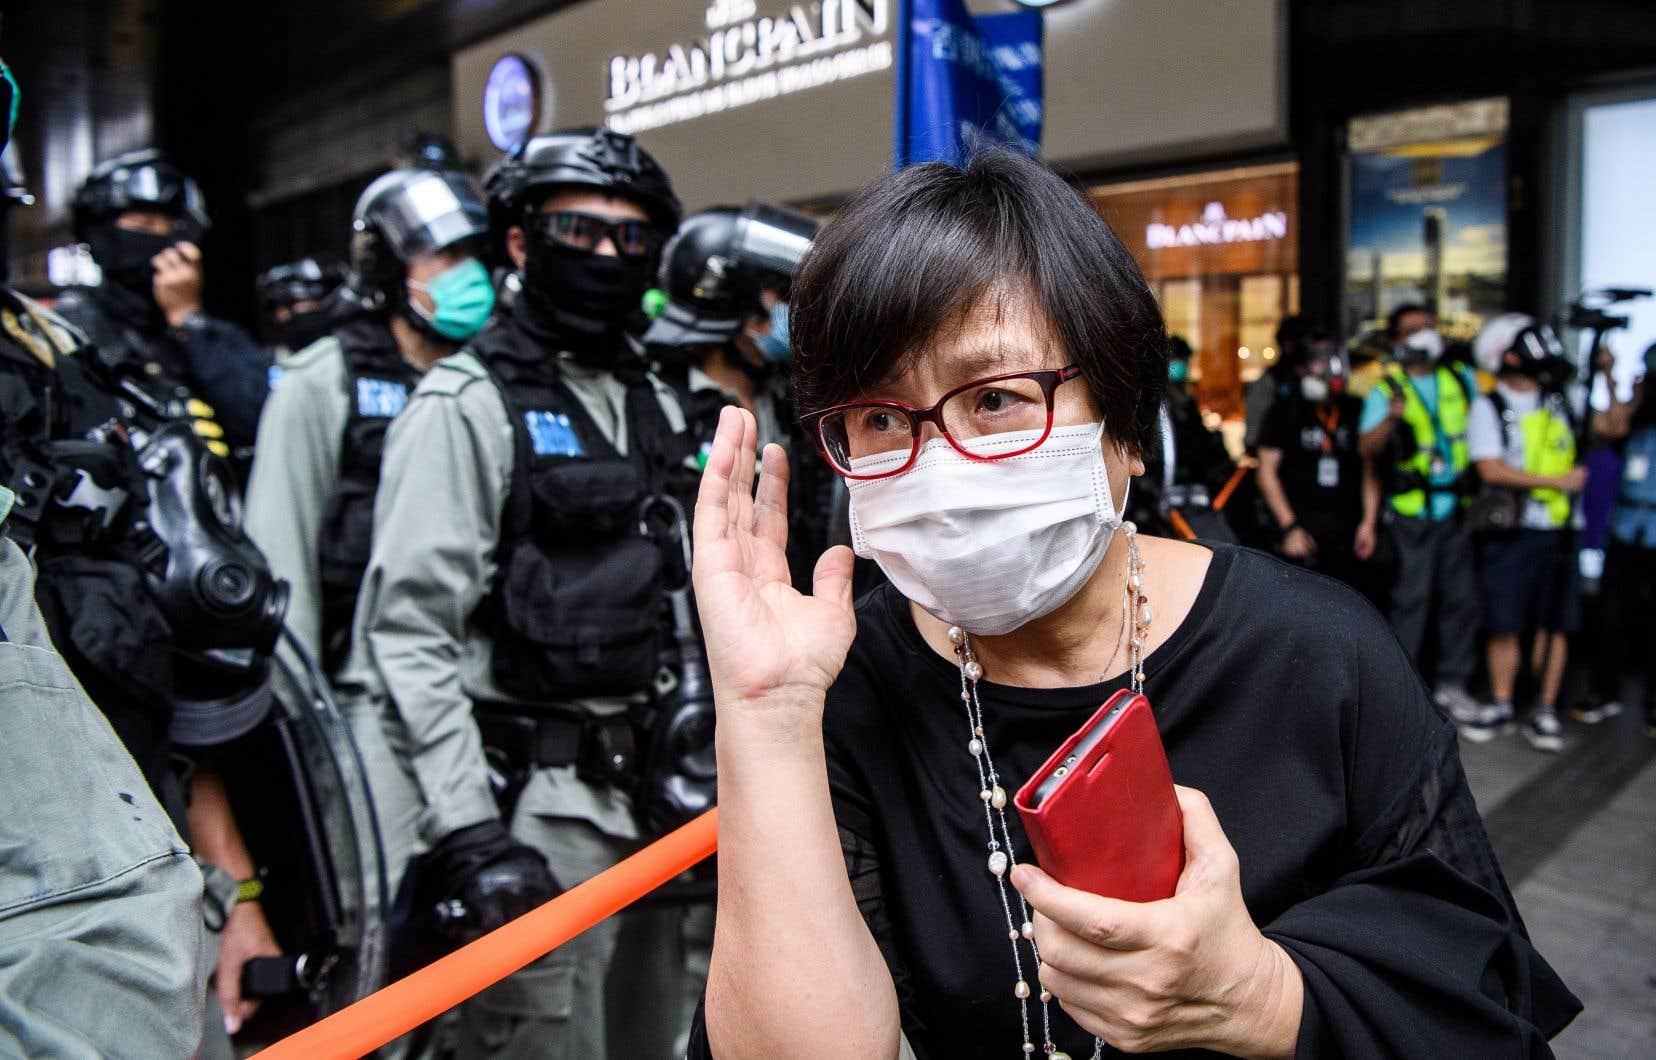 Mercredi, la police de Hong Kong a procédé à plus de 300 arrestations pour «rassemblement illégal».